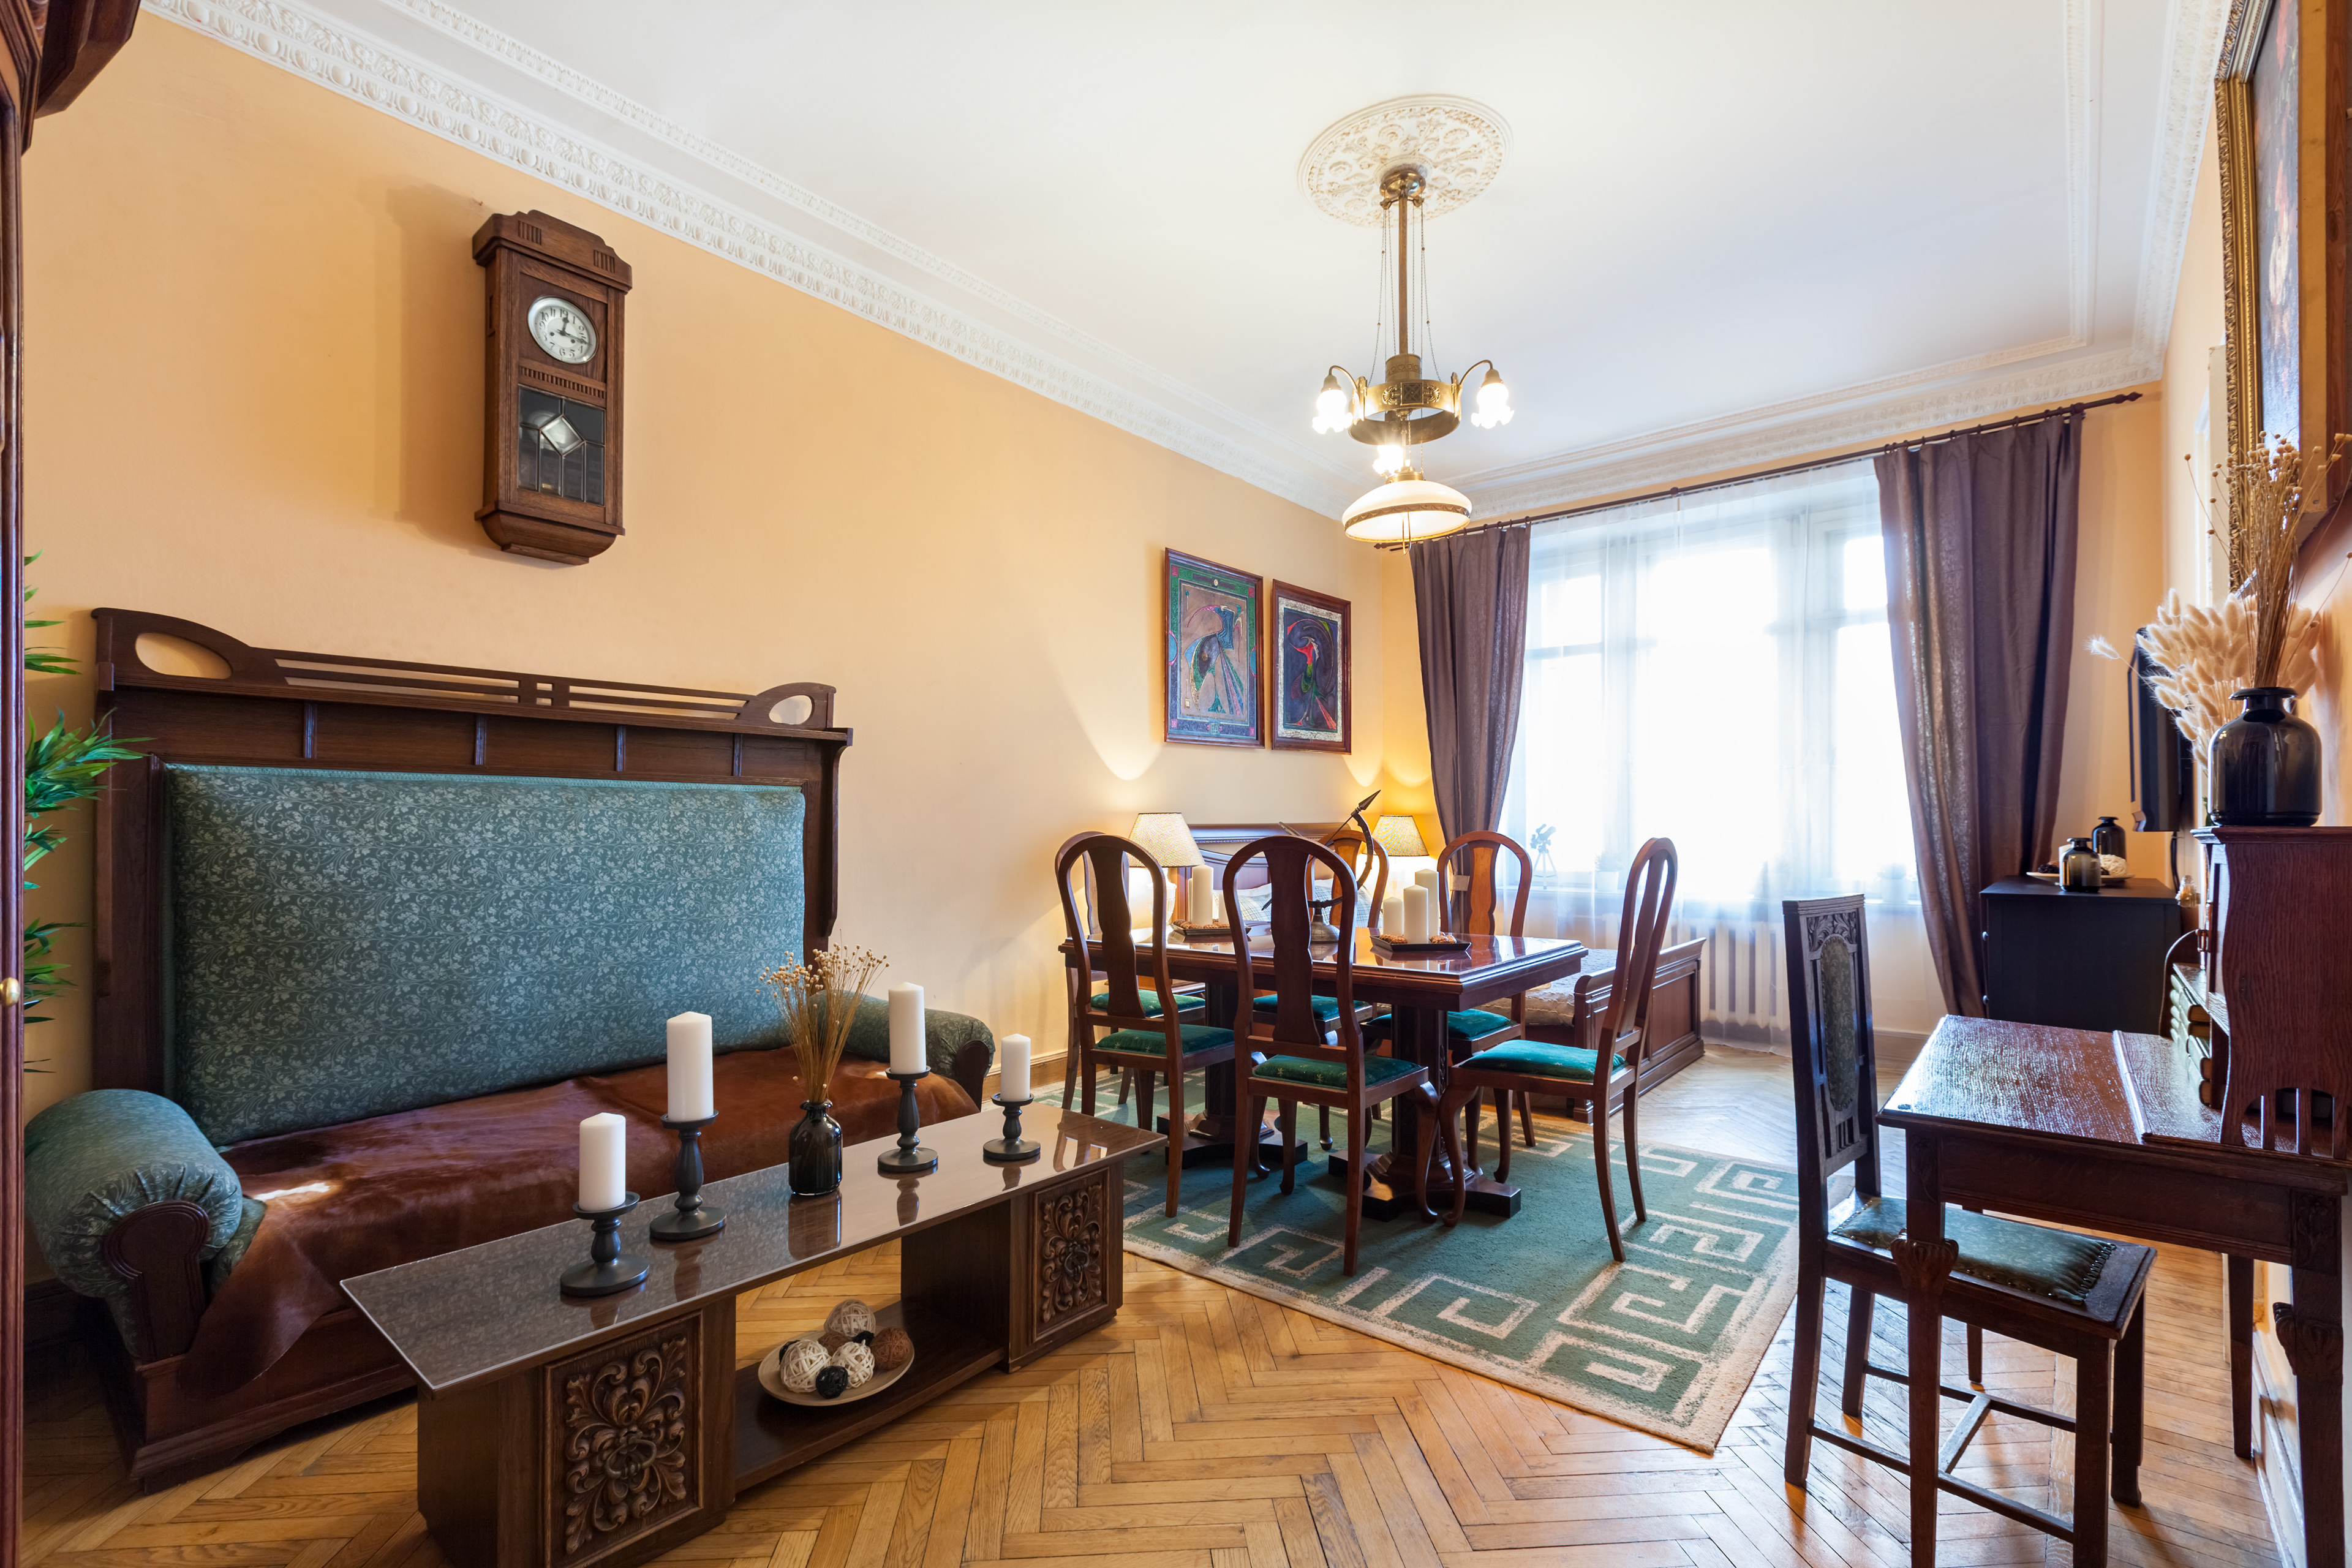 фото квартиры московской высотки прошлое смущает эстер